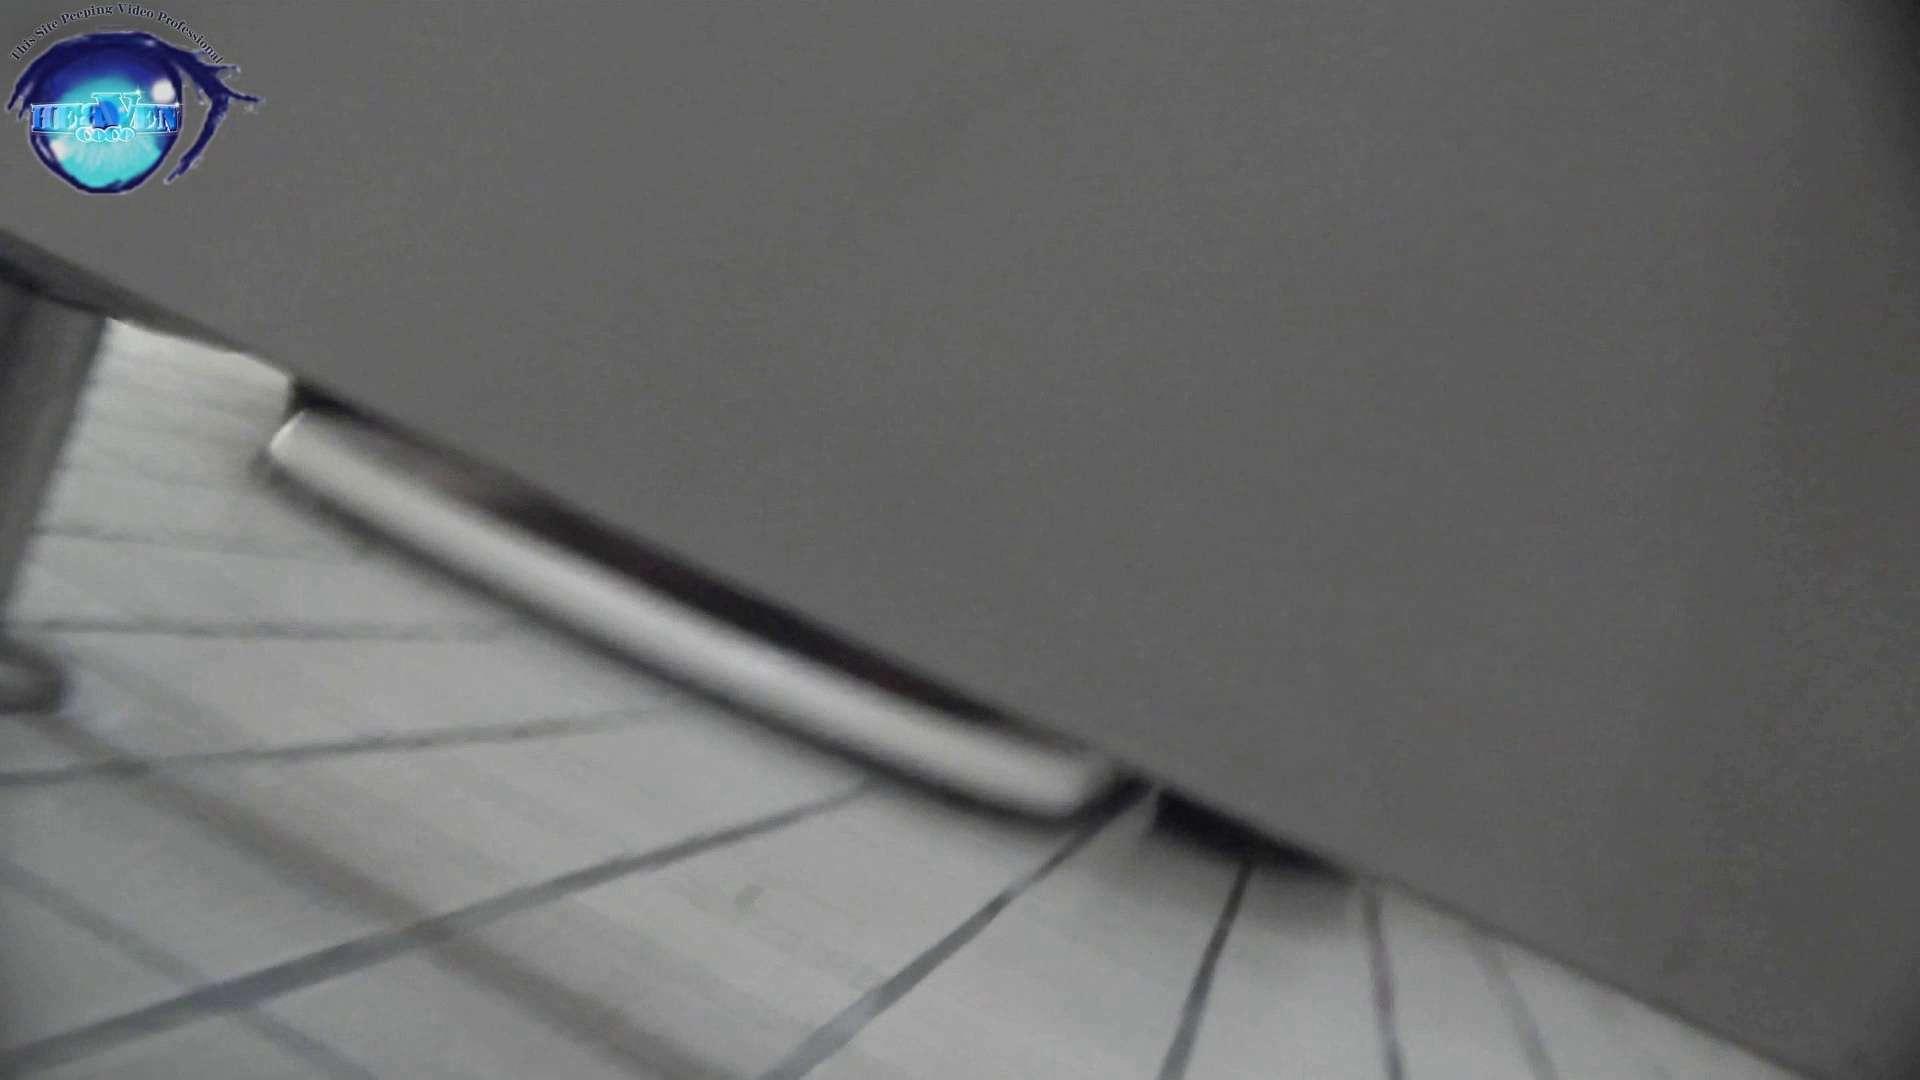 お銀さん vol.59 ピンチ!!「鏡の前で祈る女性」にばれる危機 前編 おまんこ見放題 | 盗撮シリーズ  83PIX 49